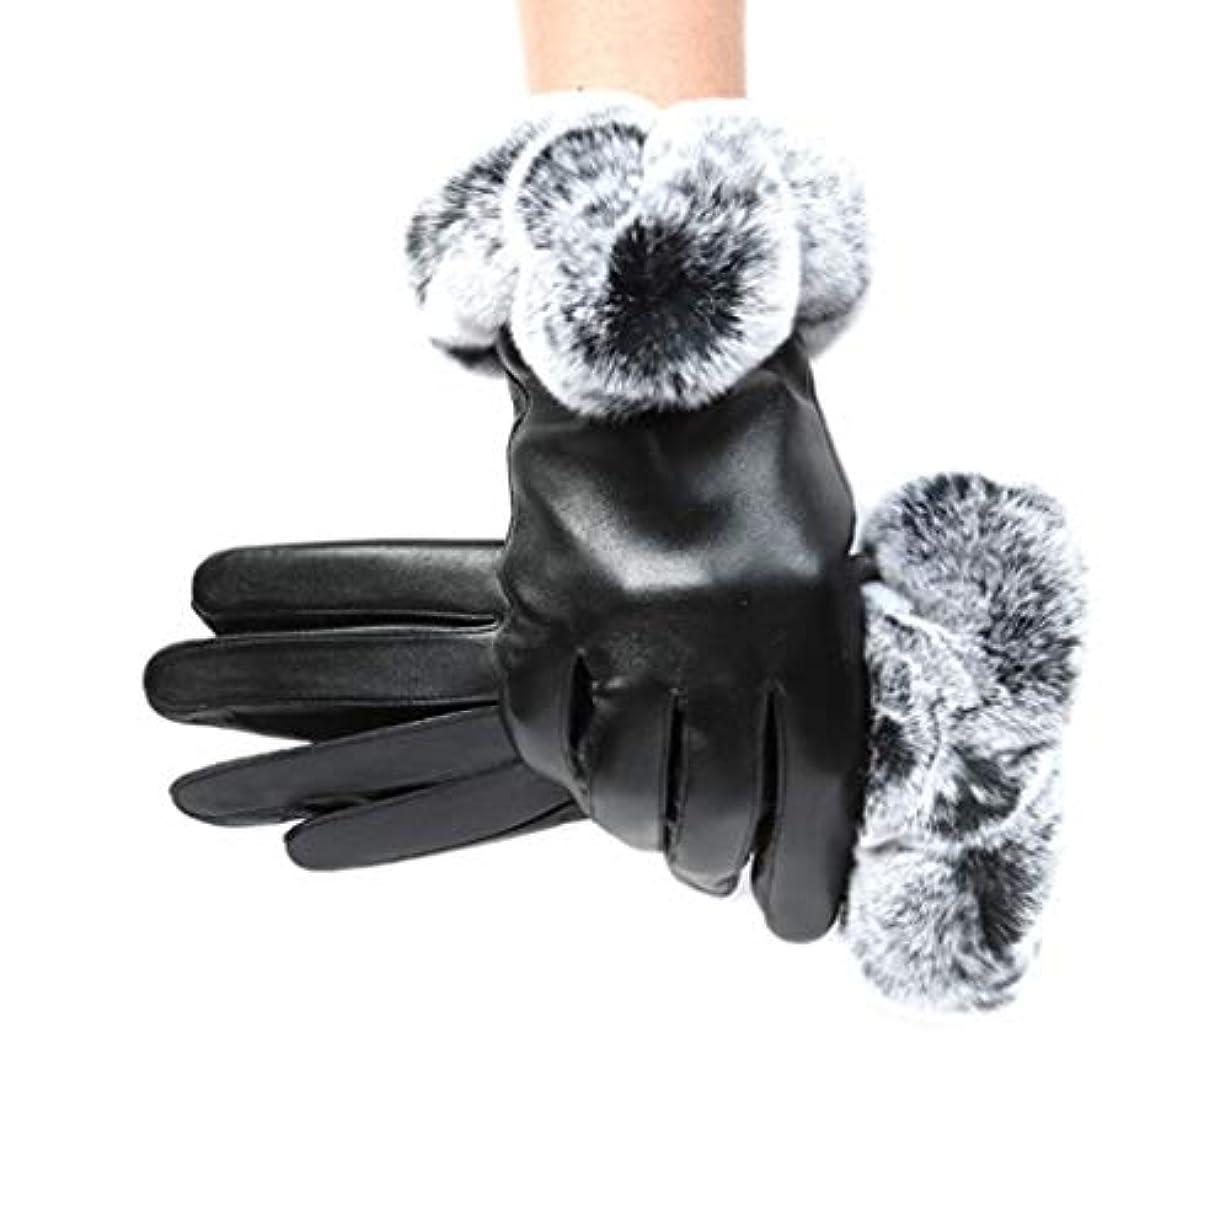 負振るう気性レザーグローブ冬の暖かい手袋レディースアウトドアライディンググローブ防風コールドプラスベルベットのタッチスクリーングローブ女性モデル